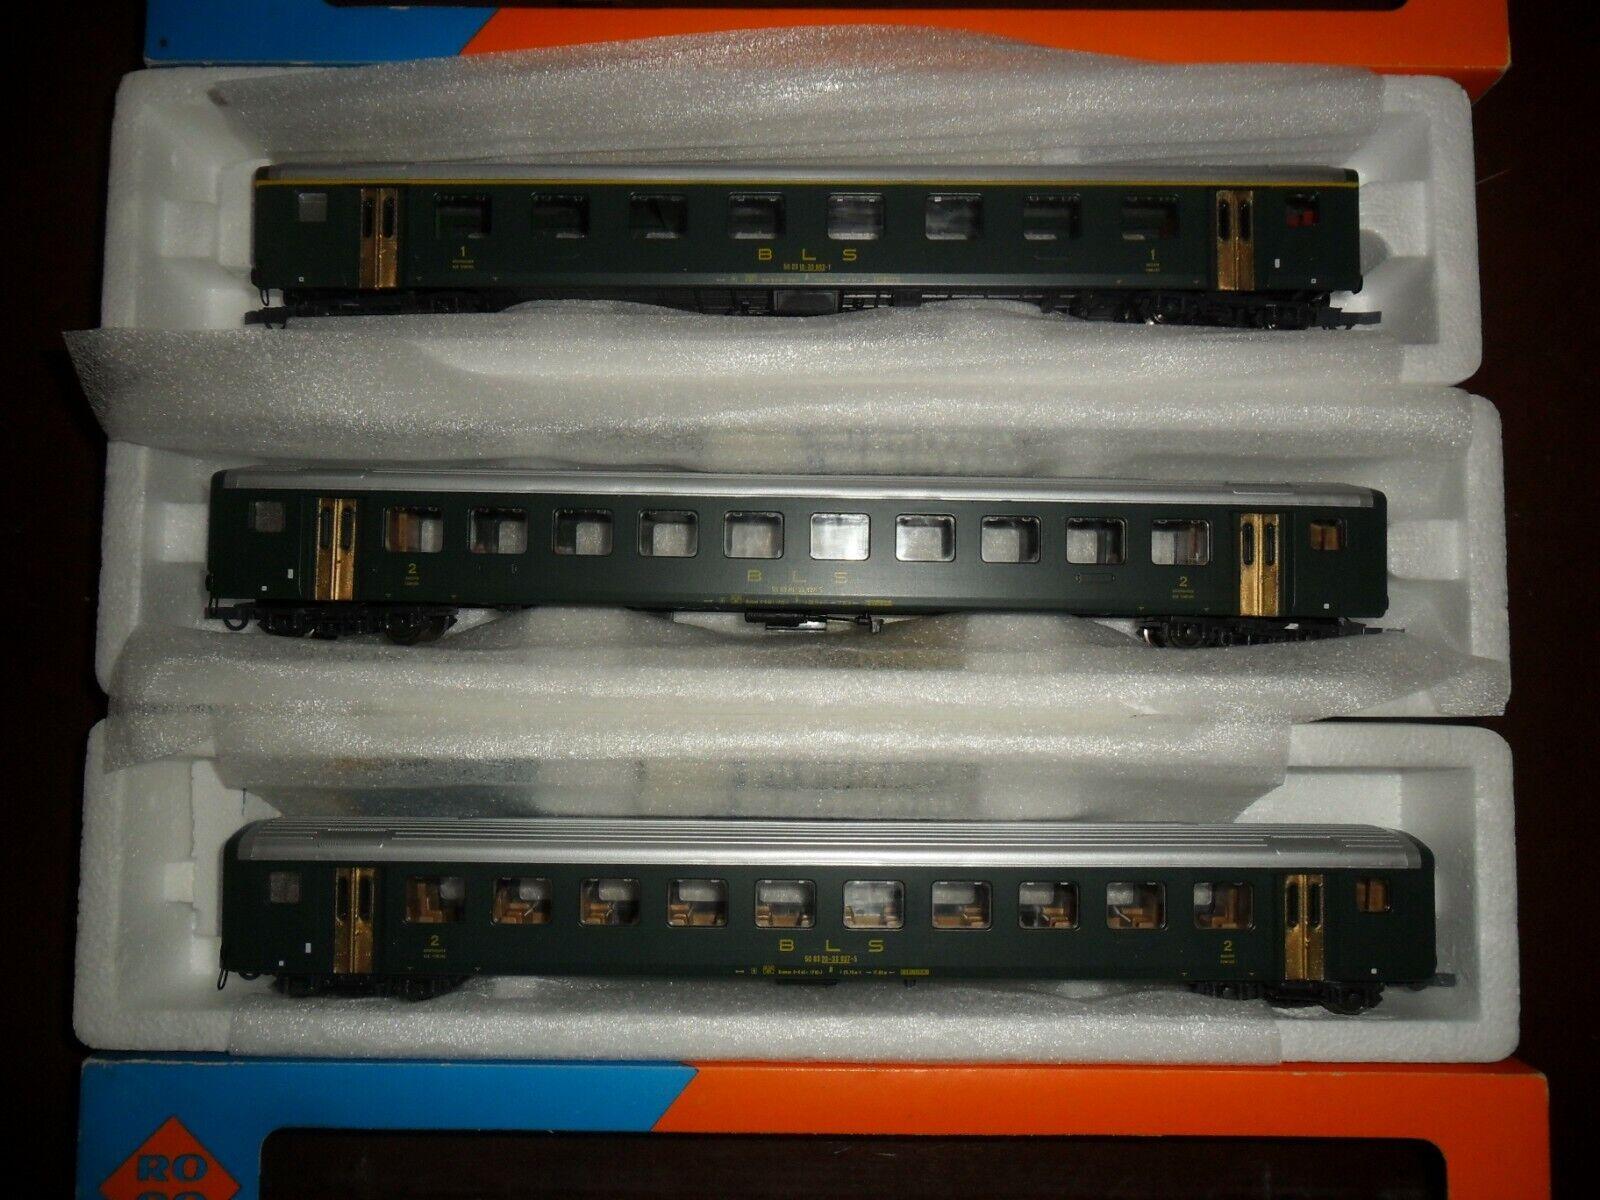 diseño simple y generoso Roco-BLS Roco-BLS Roco-BLS - 3 unid EW-II reisezugwagenset  1 KL. + 2 x 2 KL. - WS-como nuevo  calidad fantástica